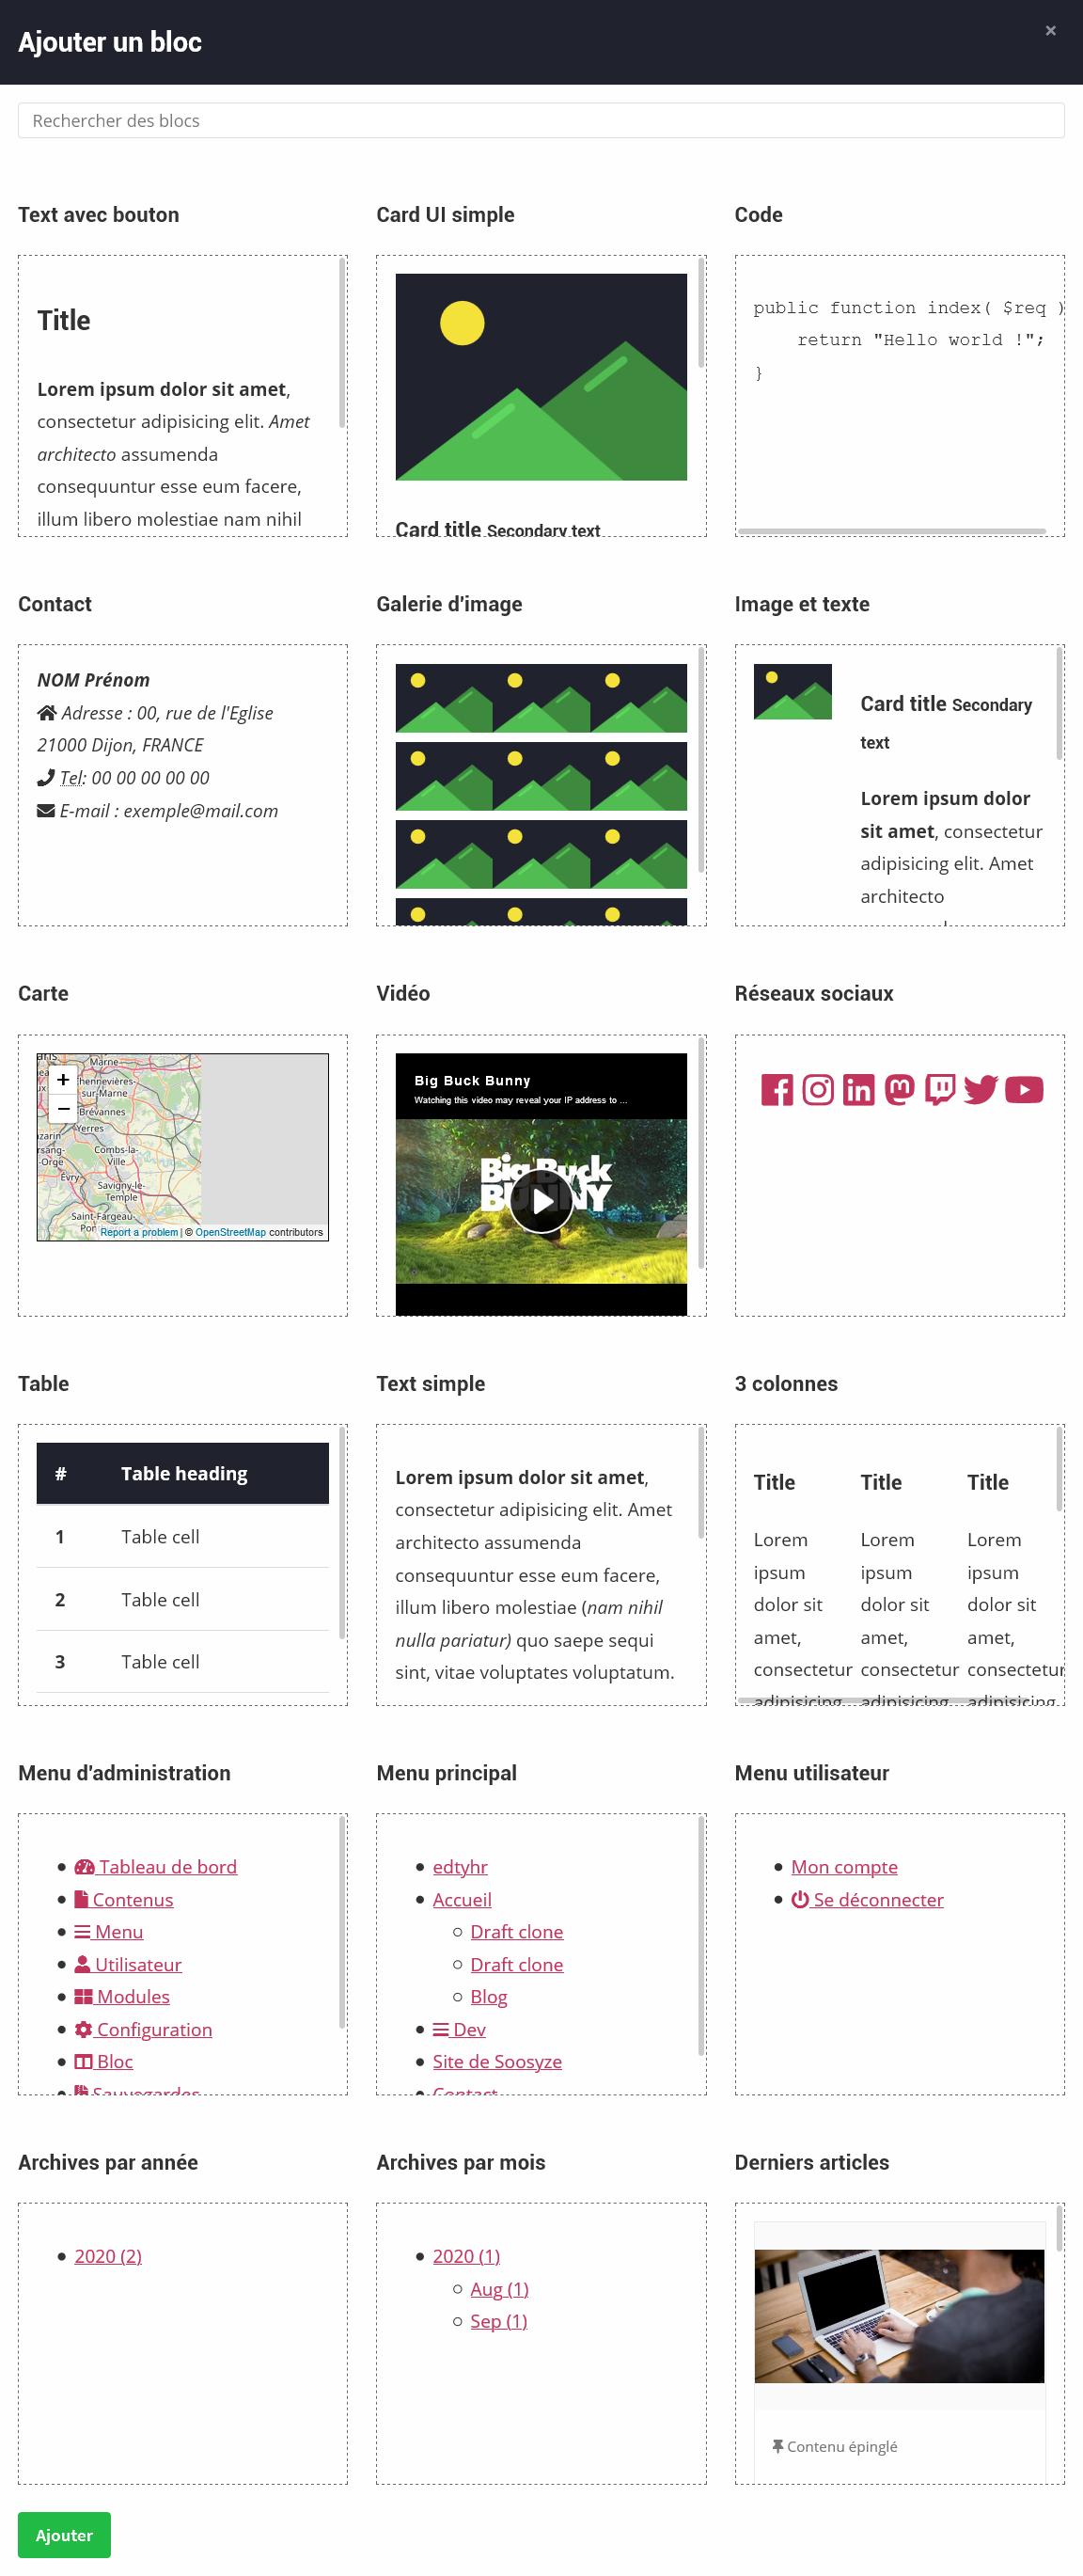 Screenshot de la page de création de blocs